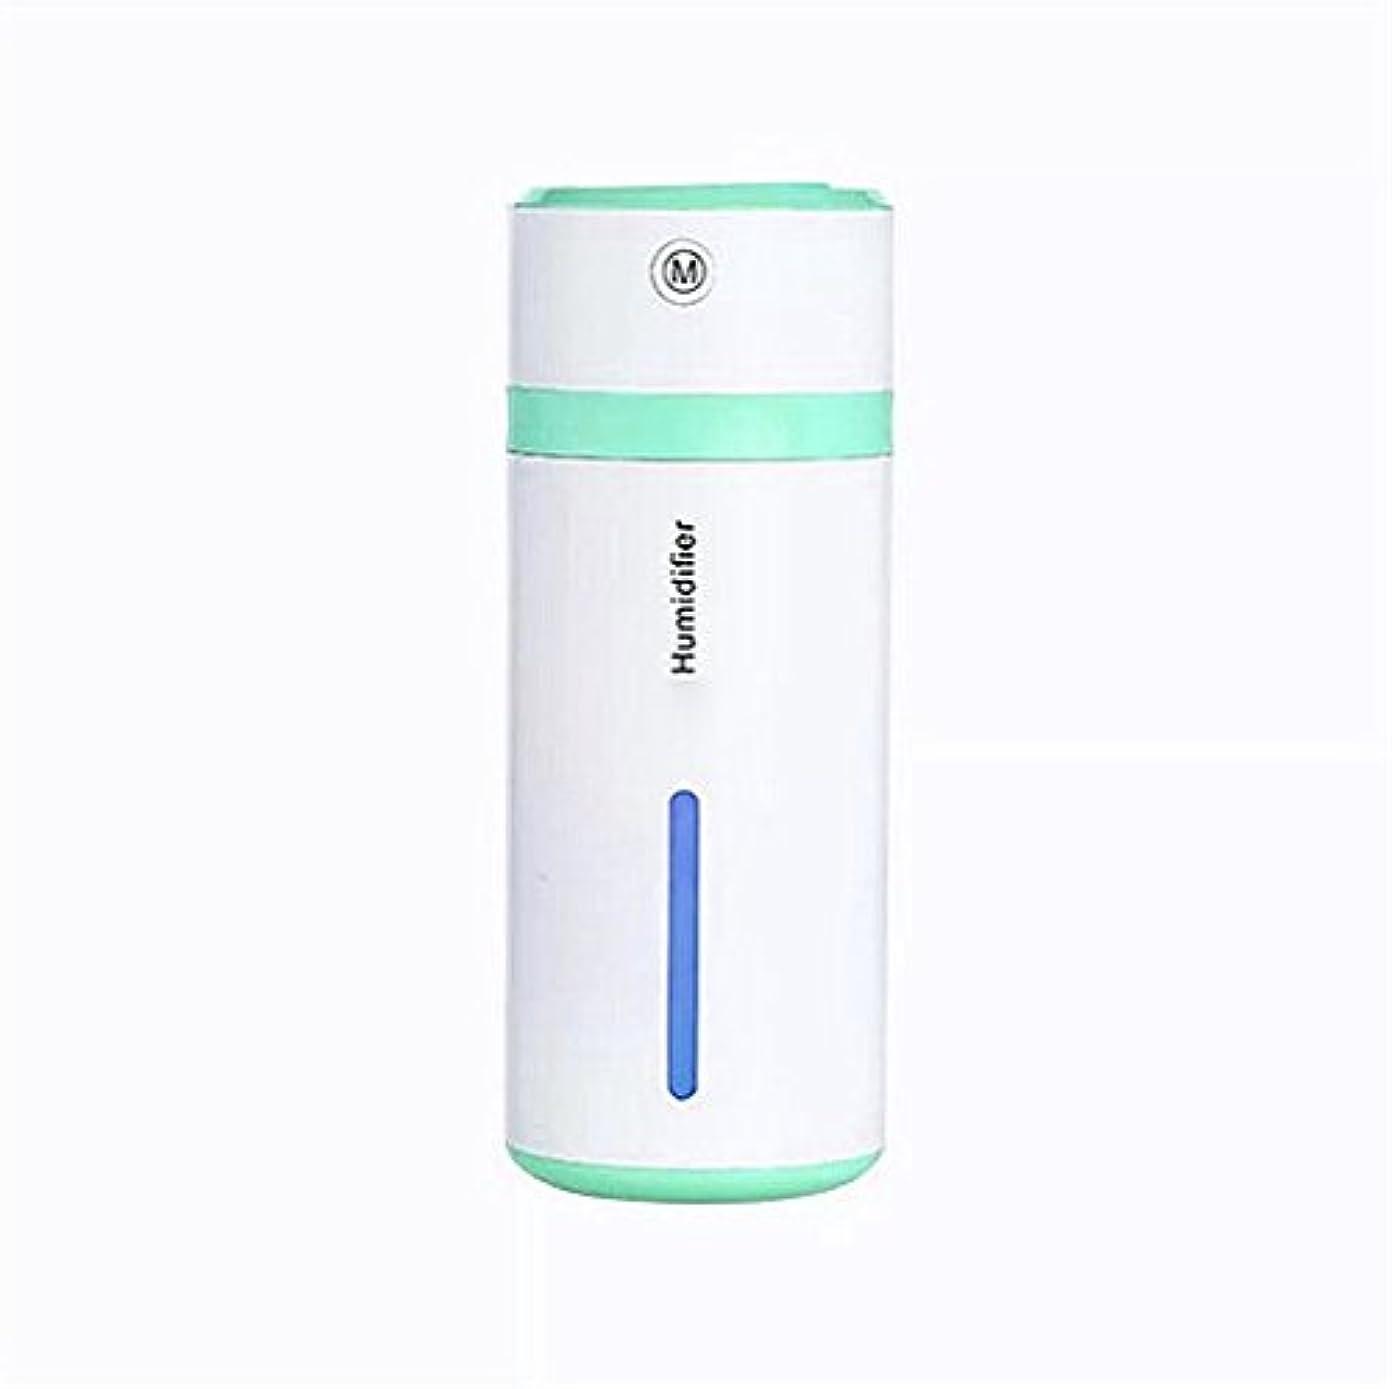 アトムマージンキャプテンブライクールミスト超音波加湿器とアロマディフューザー騒音とLEDライト、あなたの家やオフィス用